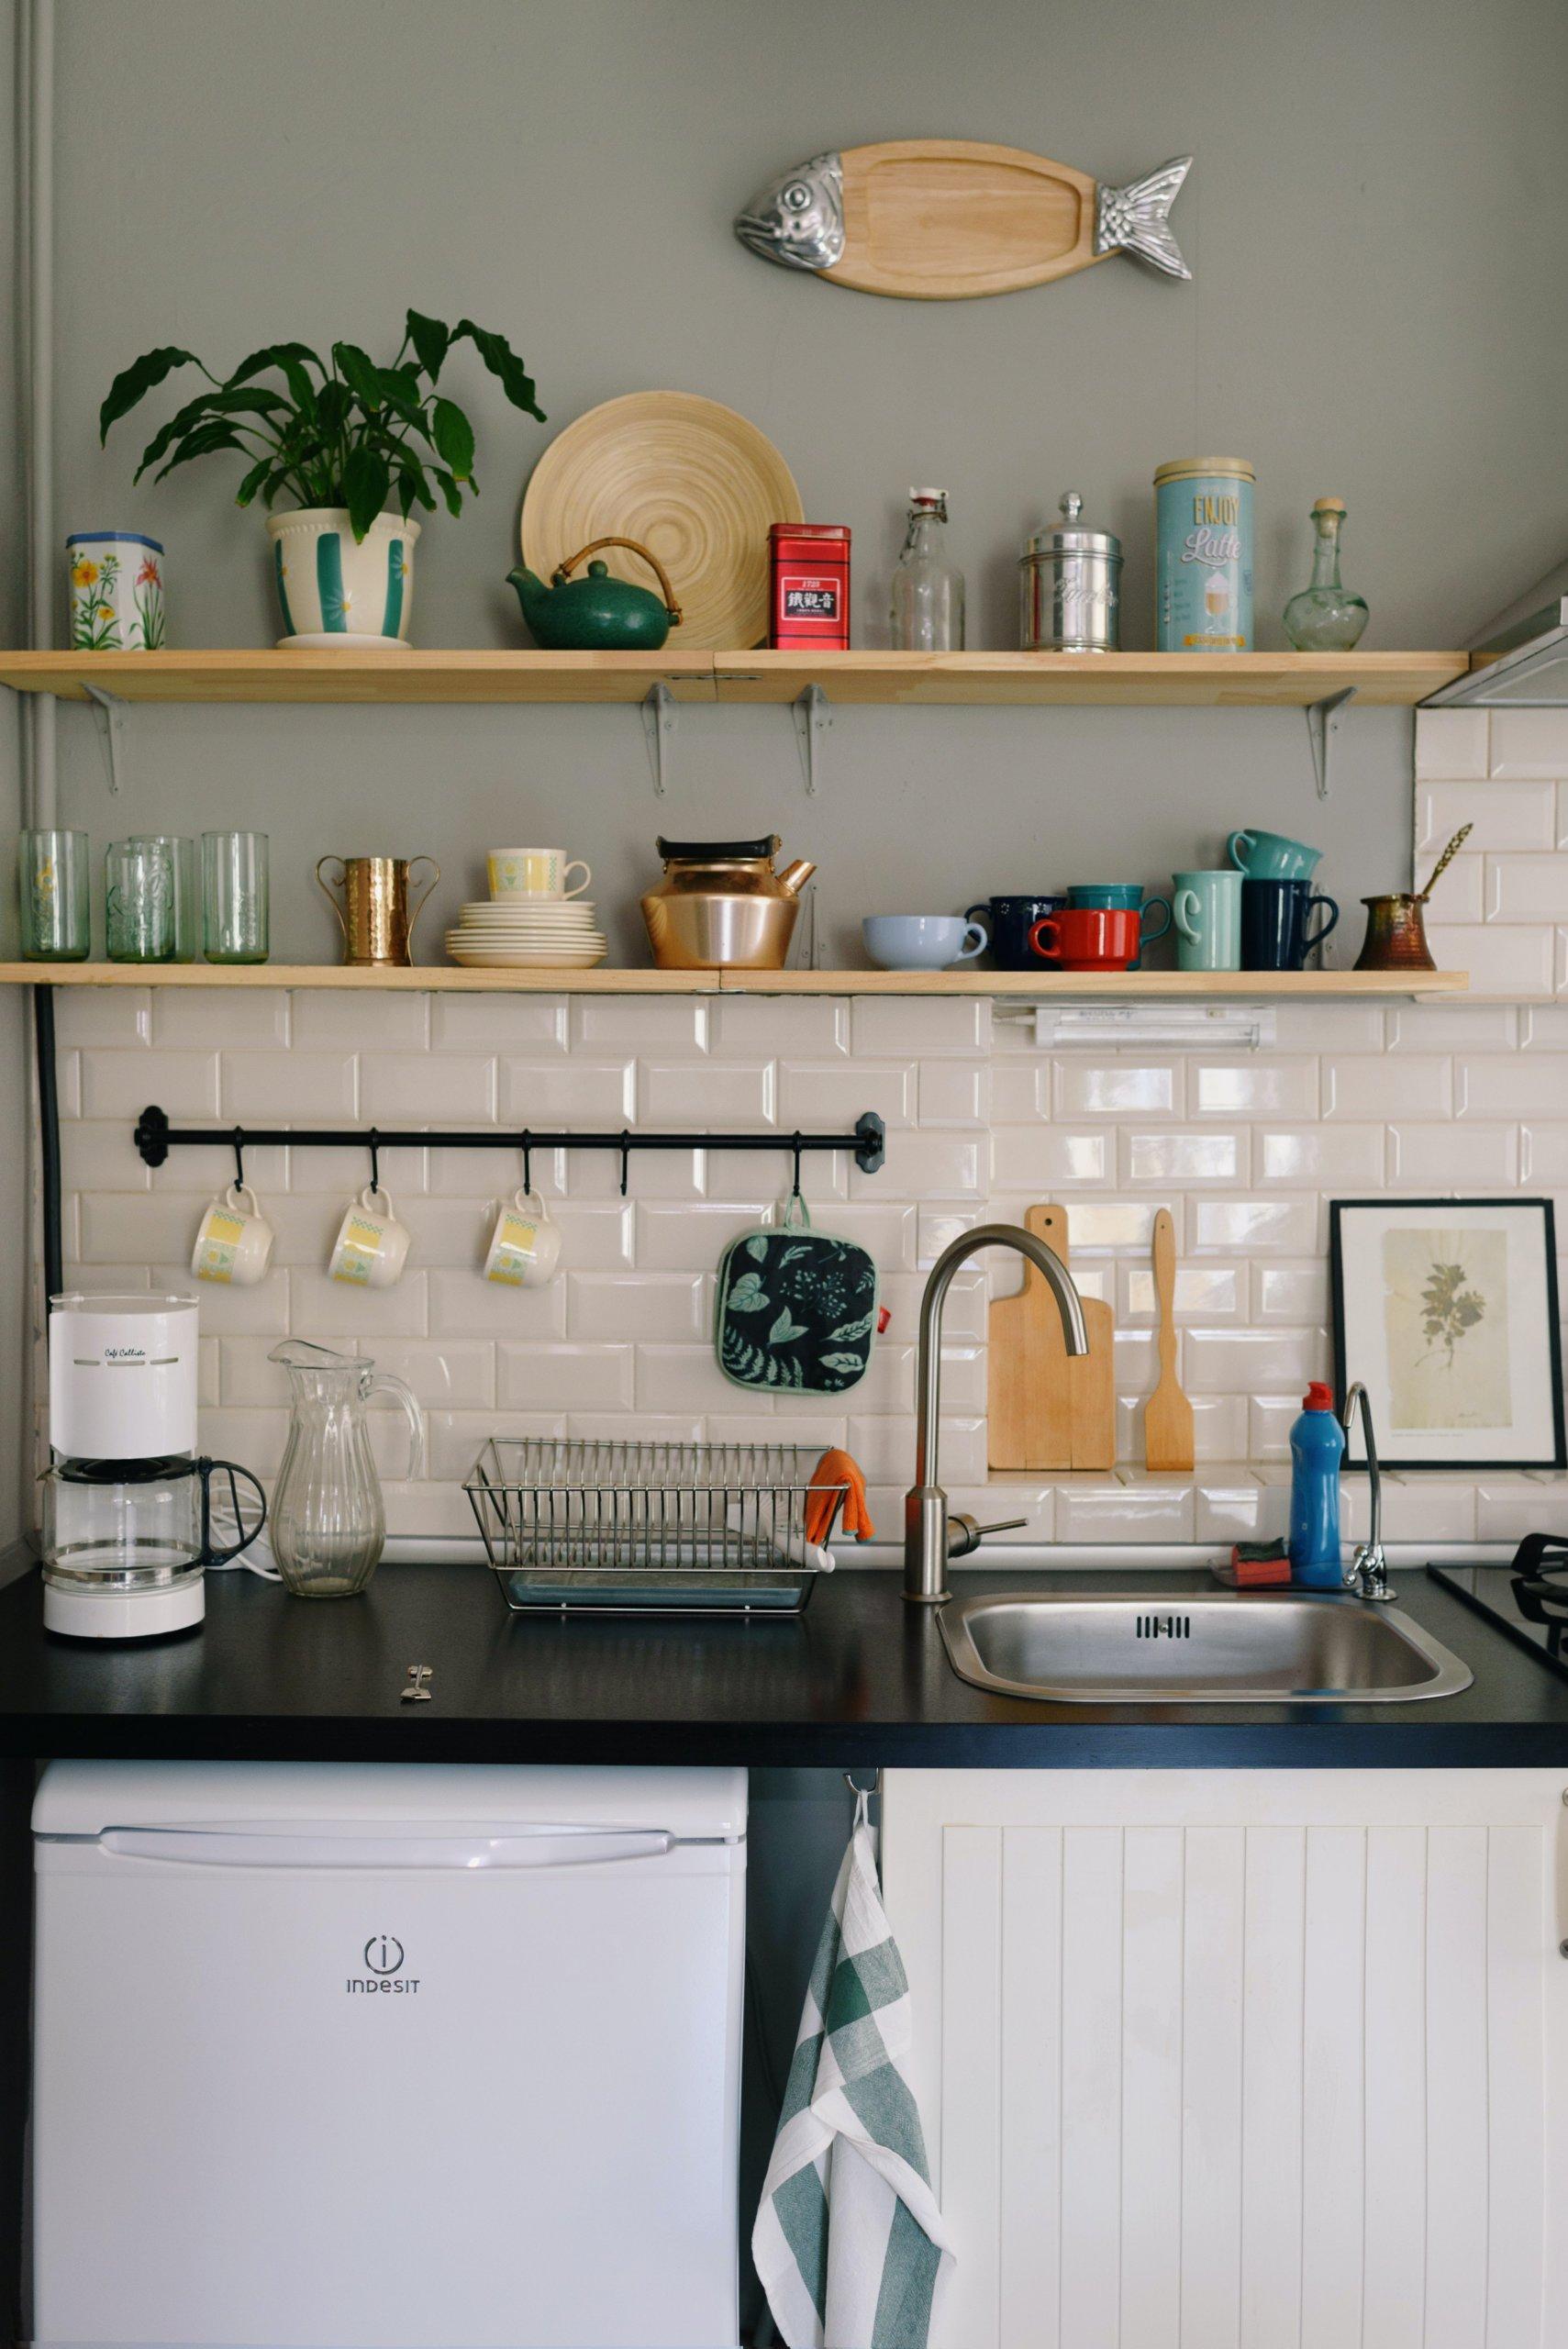 Căn bếp cá tính và cuốn hút nhờ decor tường ấn tượng - Ảnh 2.